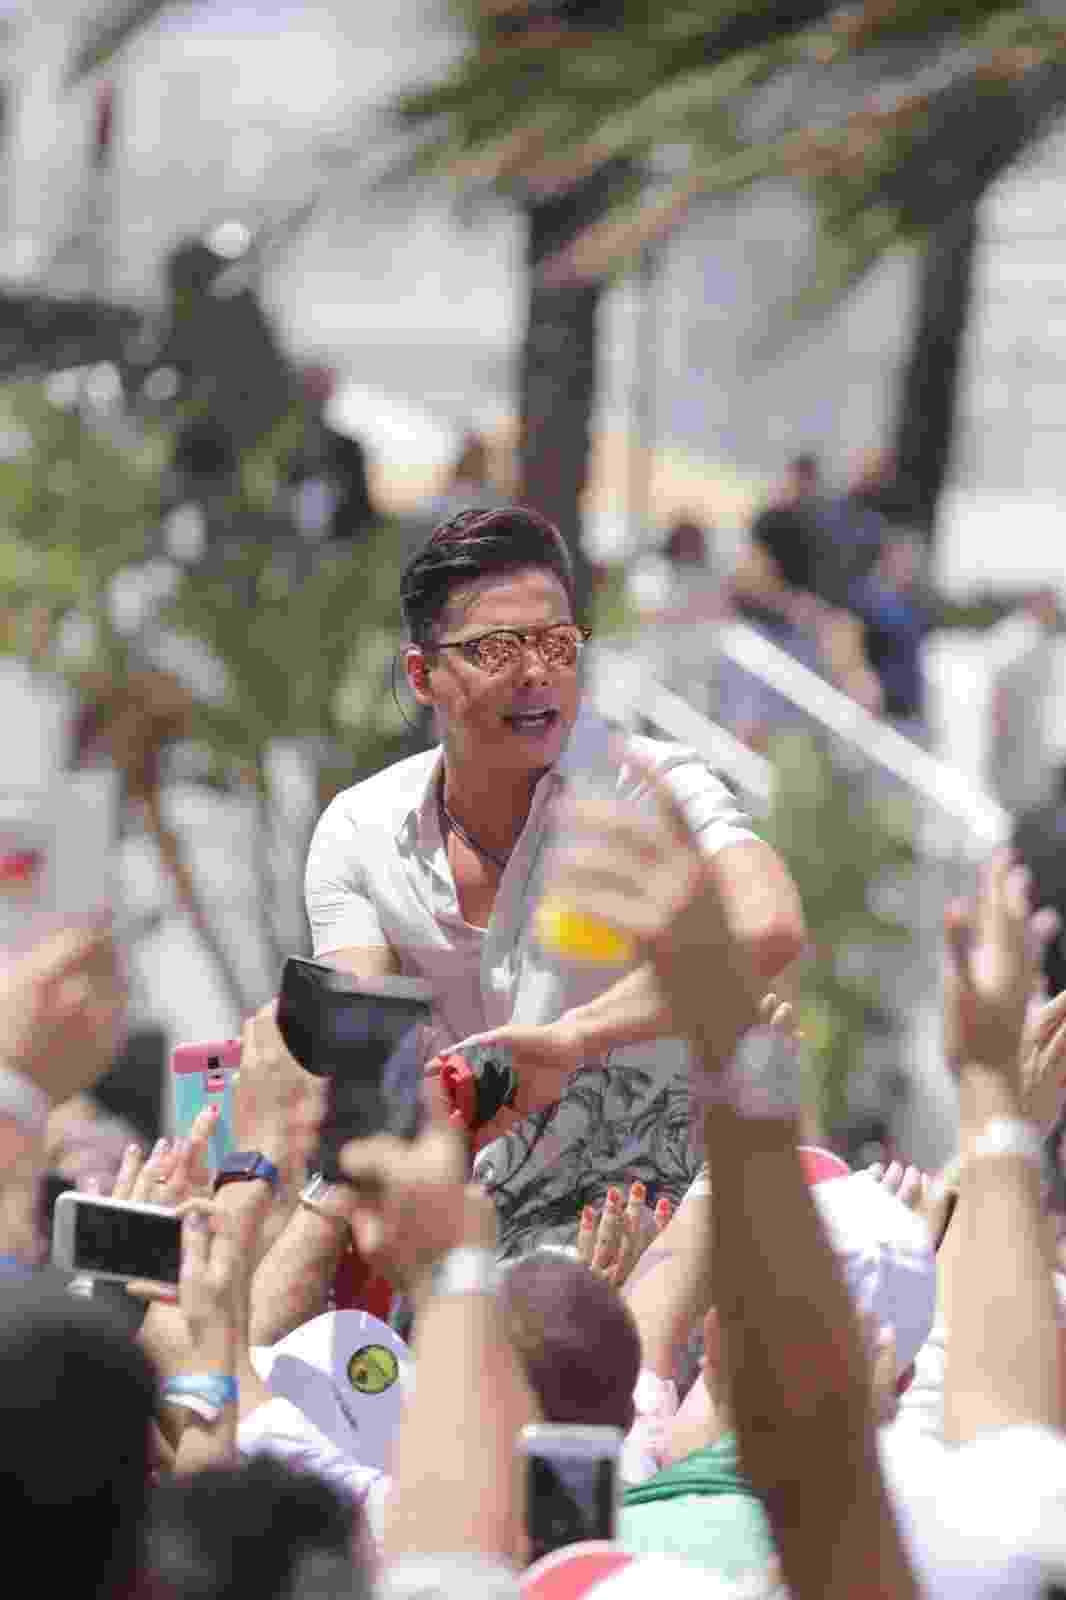 Wesley Safadão preparou uma grande surpresa para os fãs que foram acompanhar as gravações do quinto DVD da carreira dele em Miami. Ele apareceu de cabelos curtos para gravar o show internacional - Leo Mayrinck